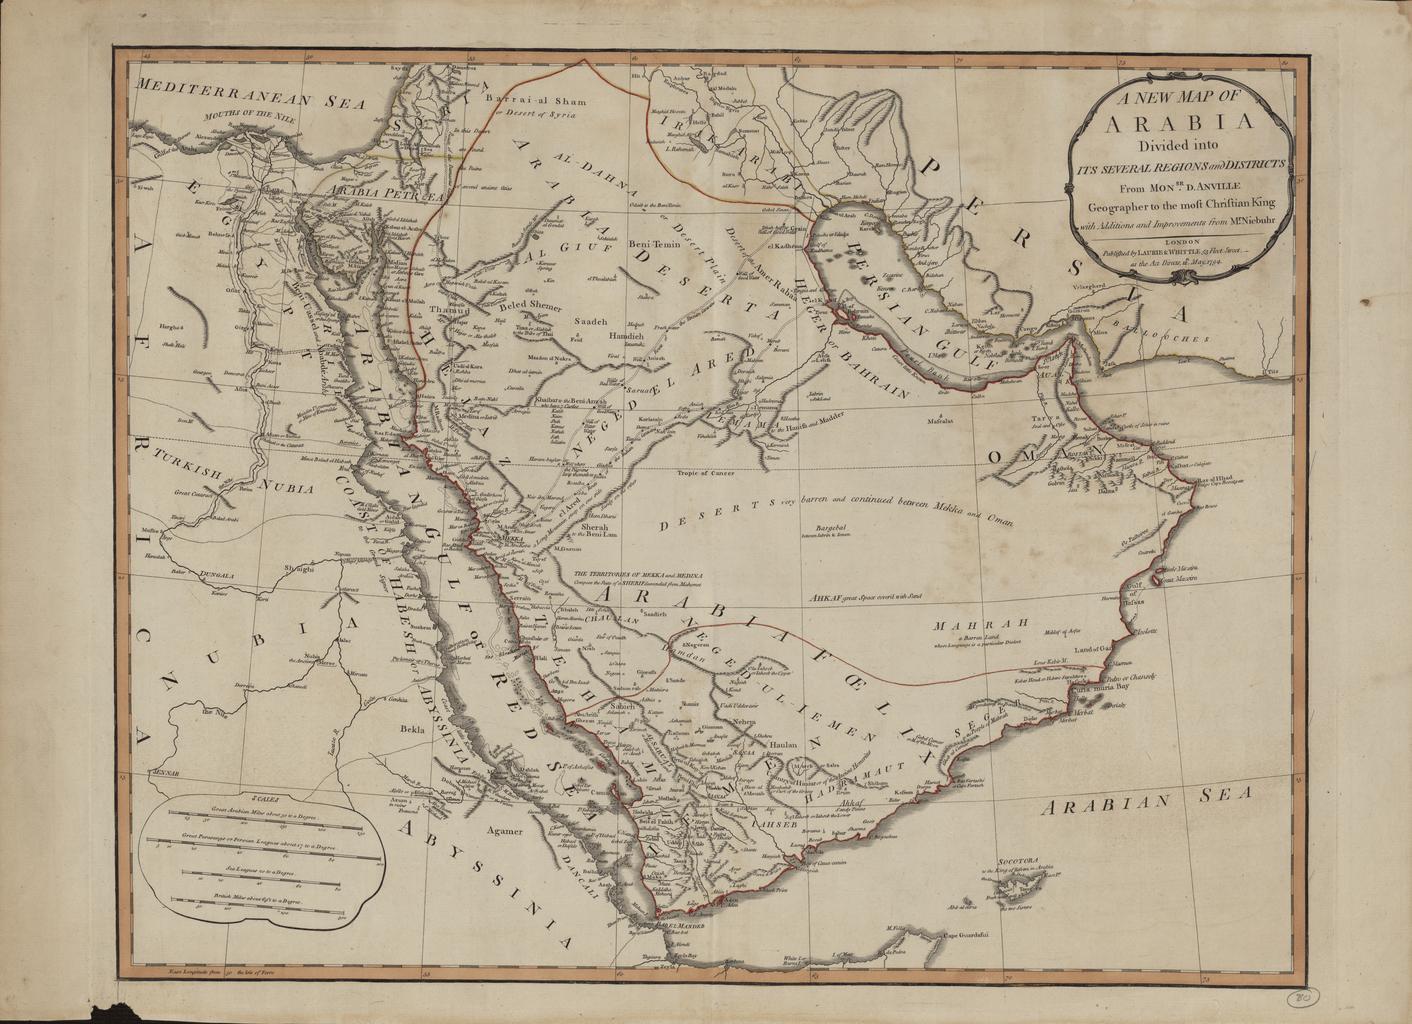 خريطة شبه الجزيرة العربية